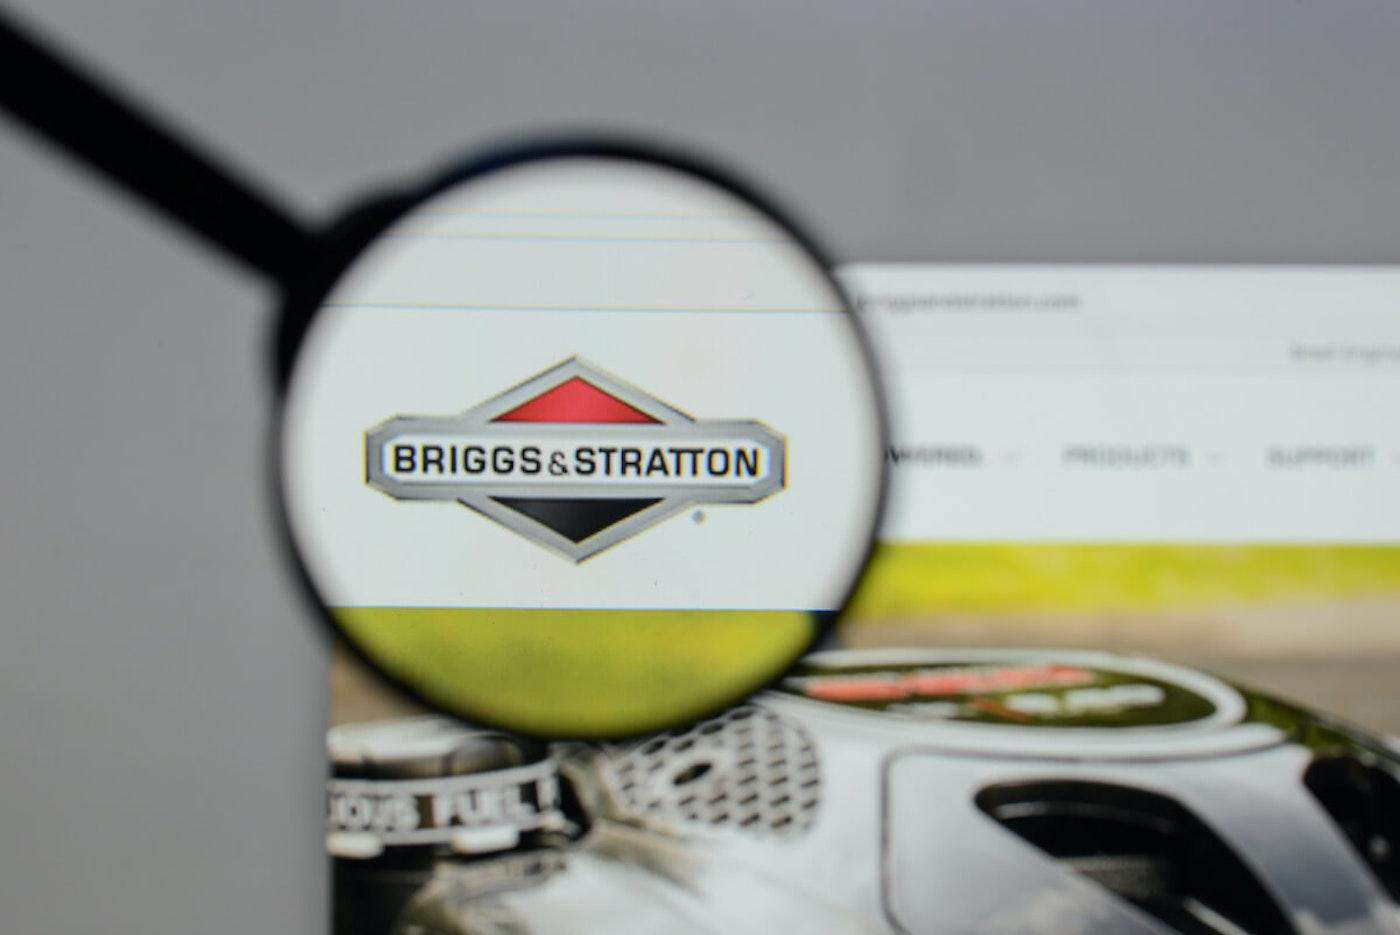 Briggs and Stratton Logo. (Image via Shutterstock)